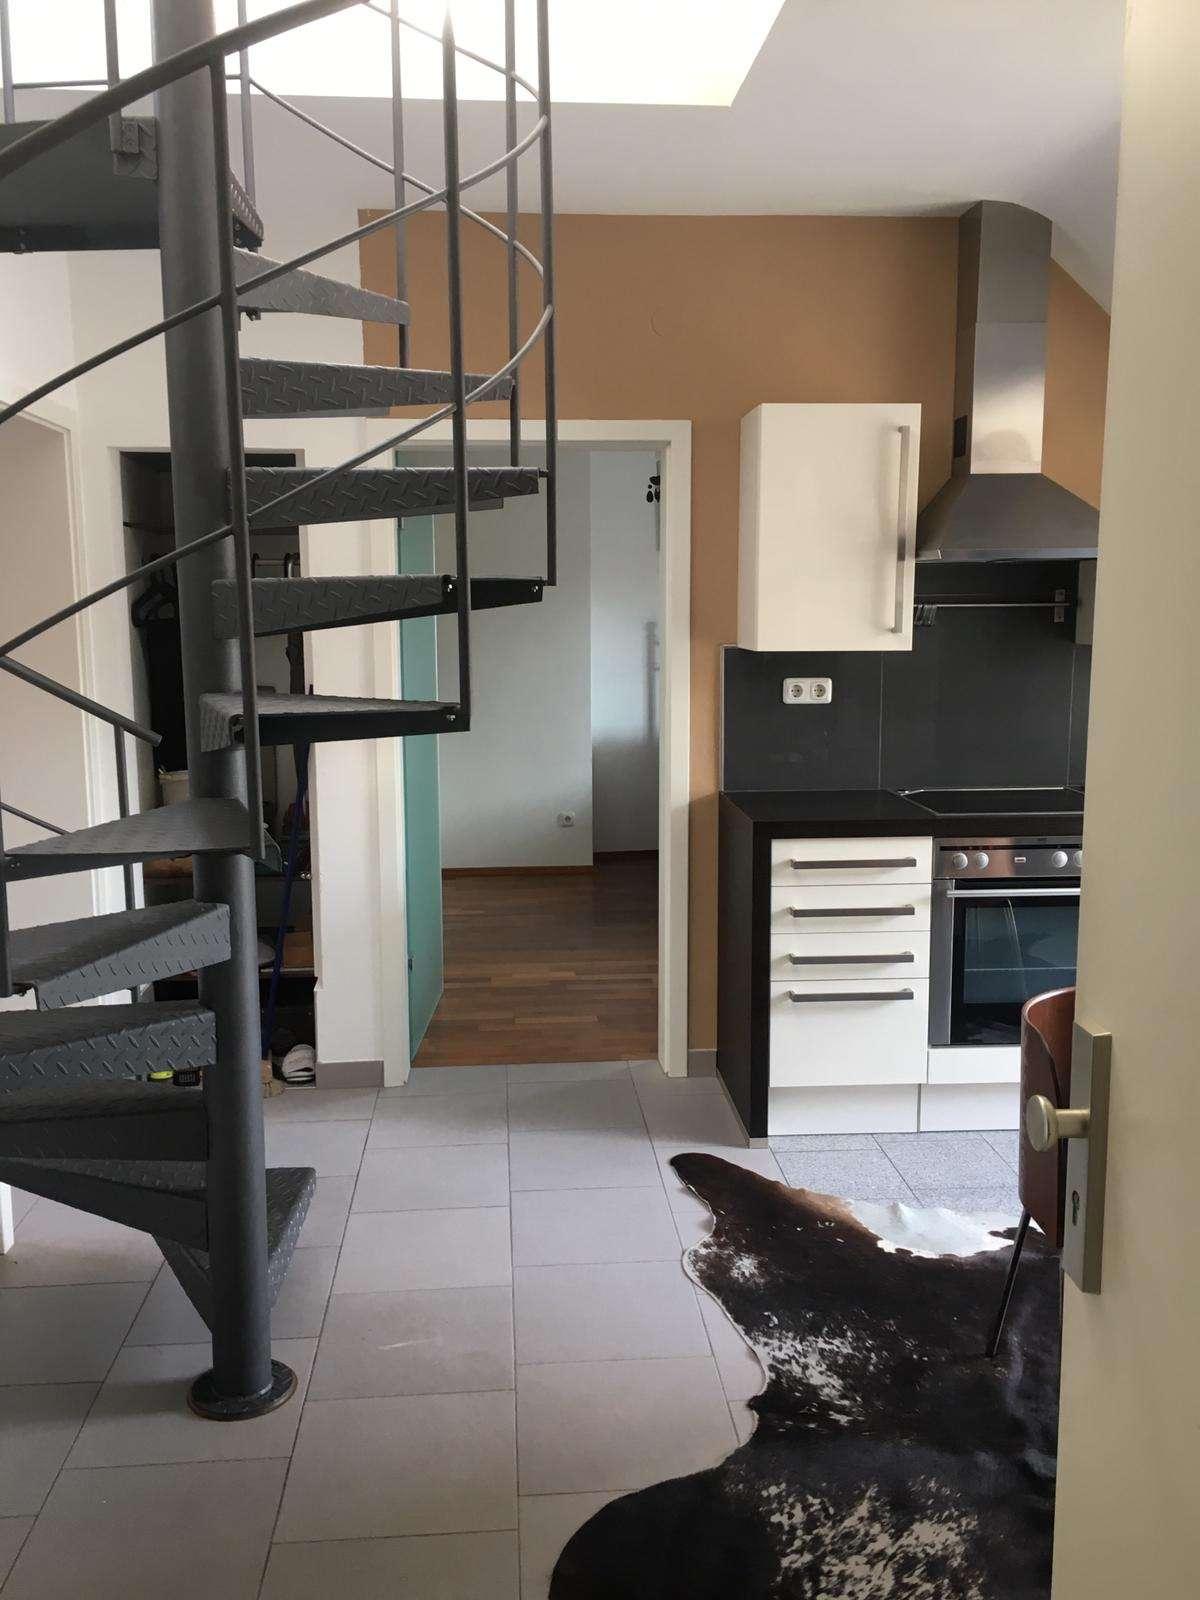 Exklusive, sanierte 3-Zimmer-Maisonette-Wohnung mit Balkon und EBK im Herzen Würzburgs in Neumünster